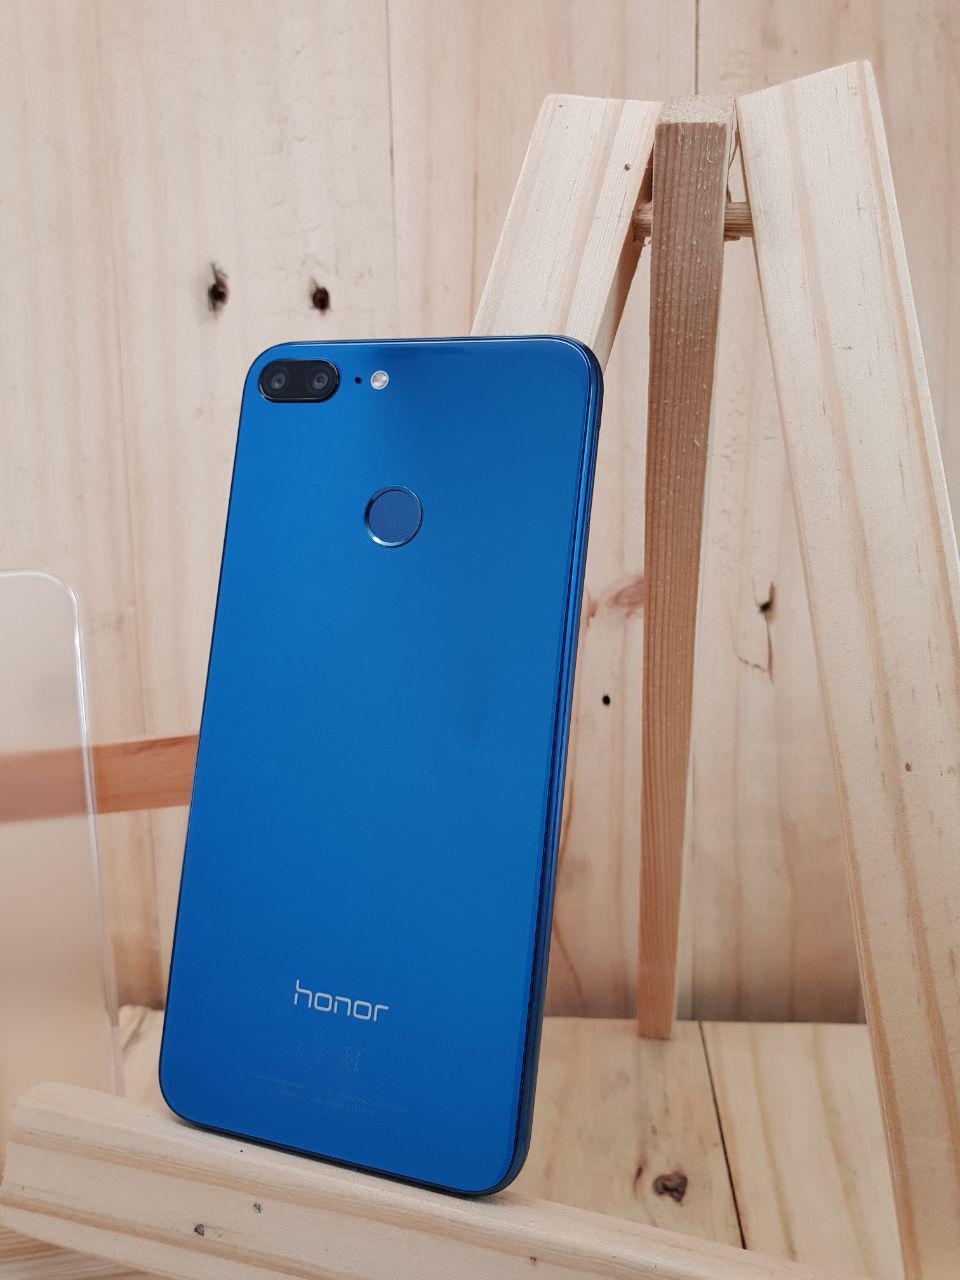 Finishing kaca yang reflektif ini membuat warna birunya benar-benar  mengkilat c9076209f3